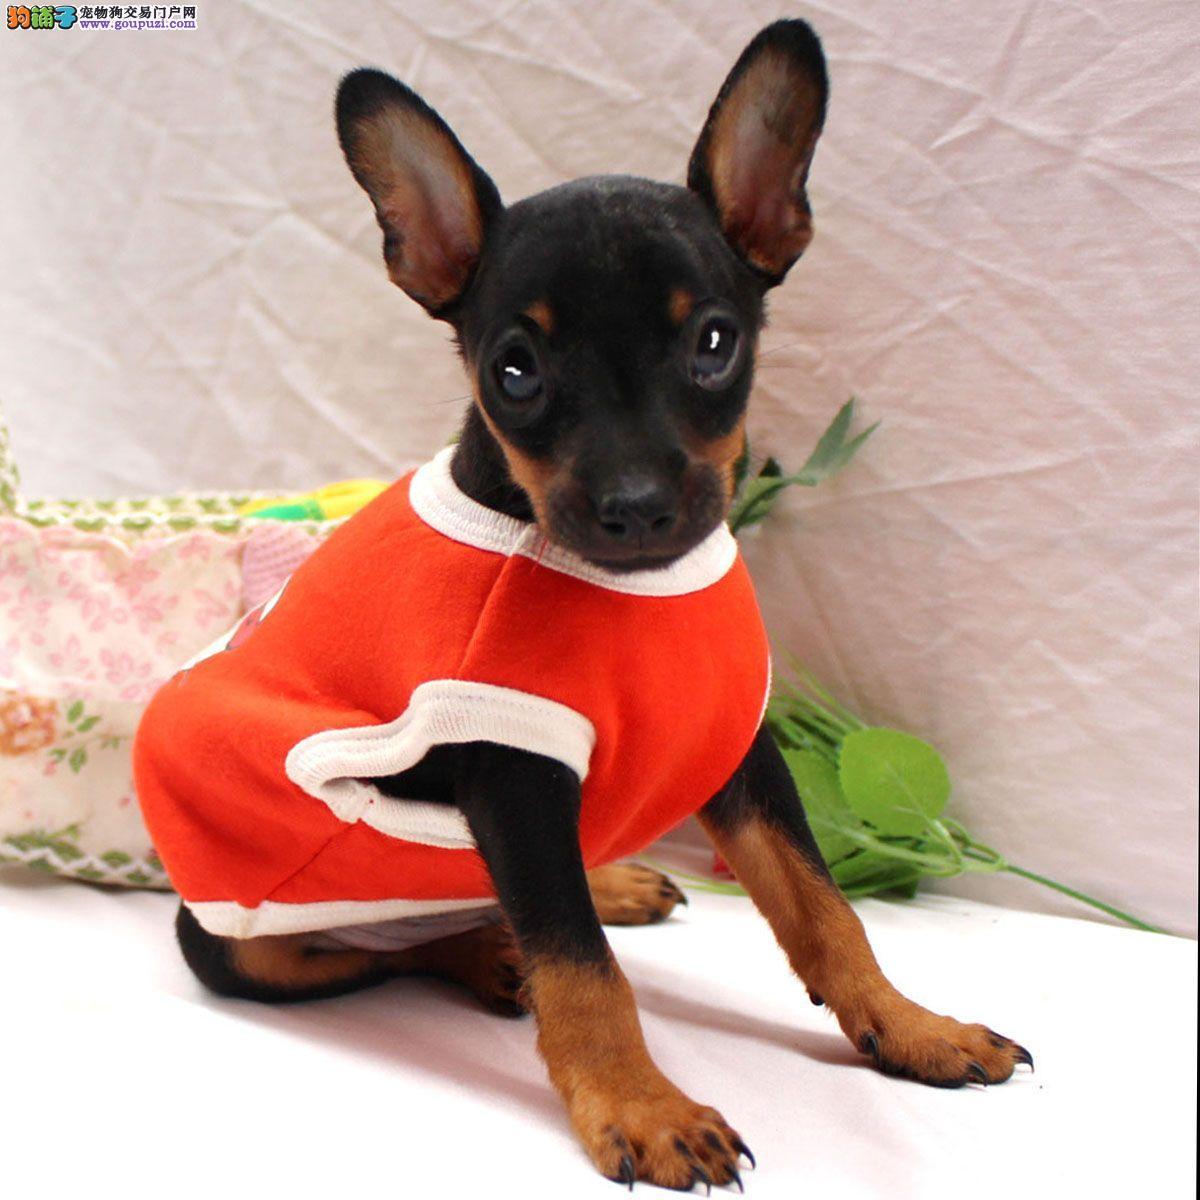 颜色全品相佳的小鹿犬纯种宝宝热卖中真实照片视频挑选